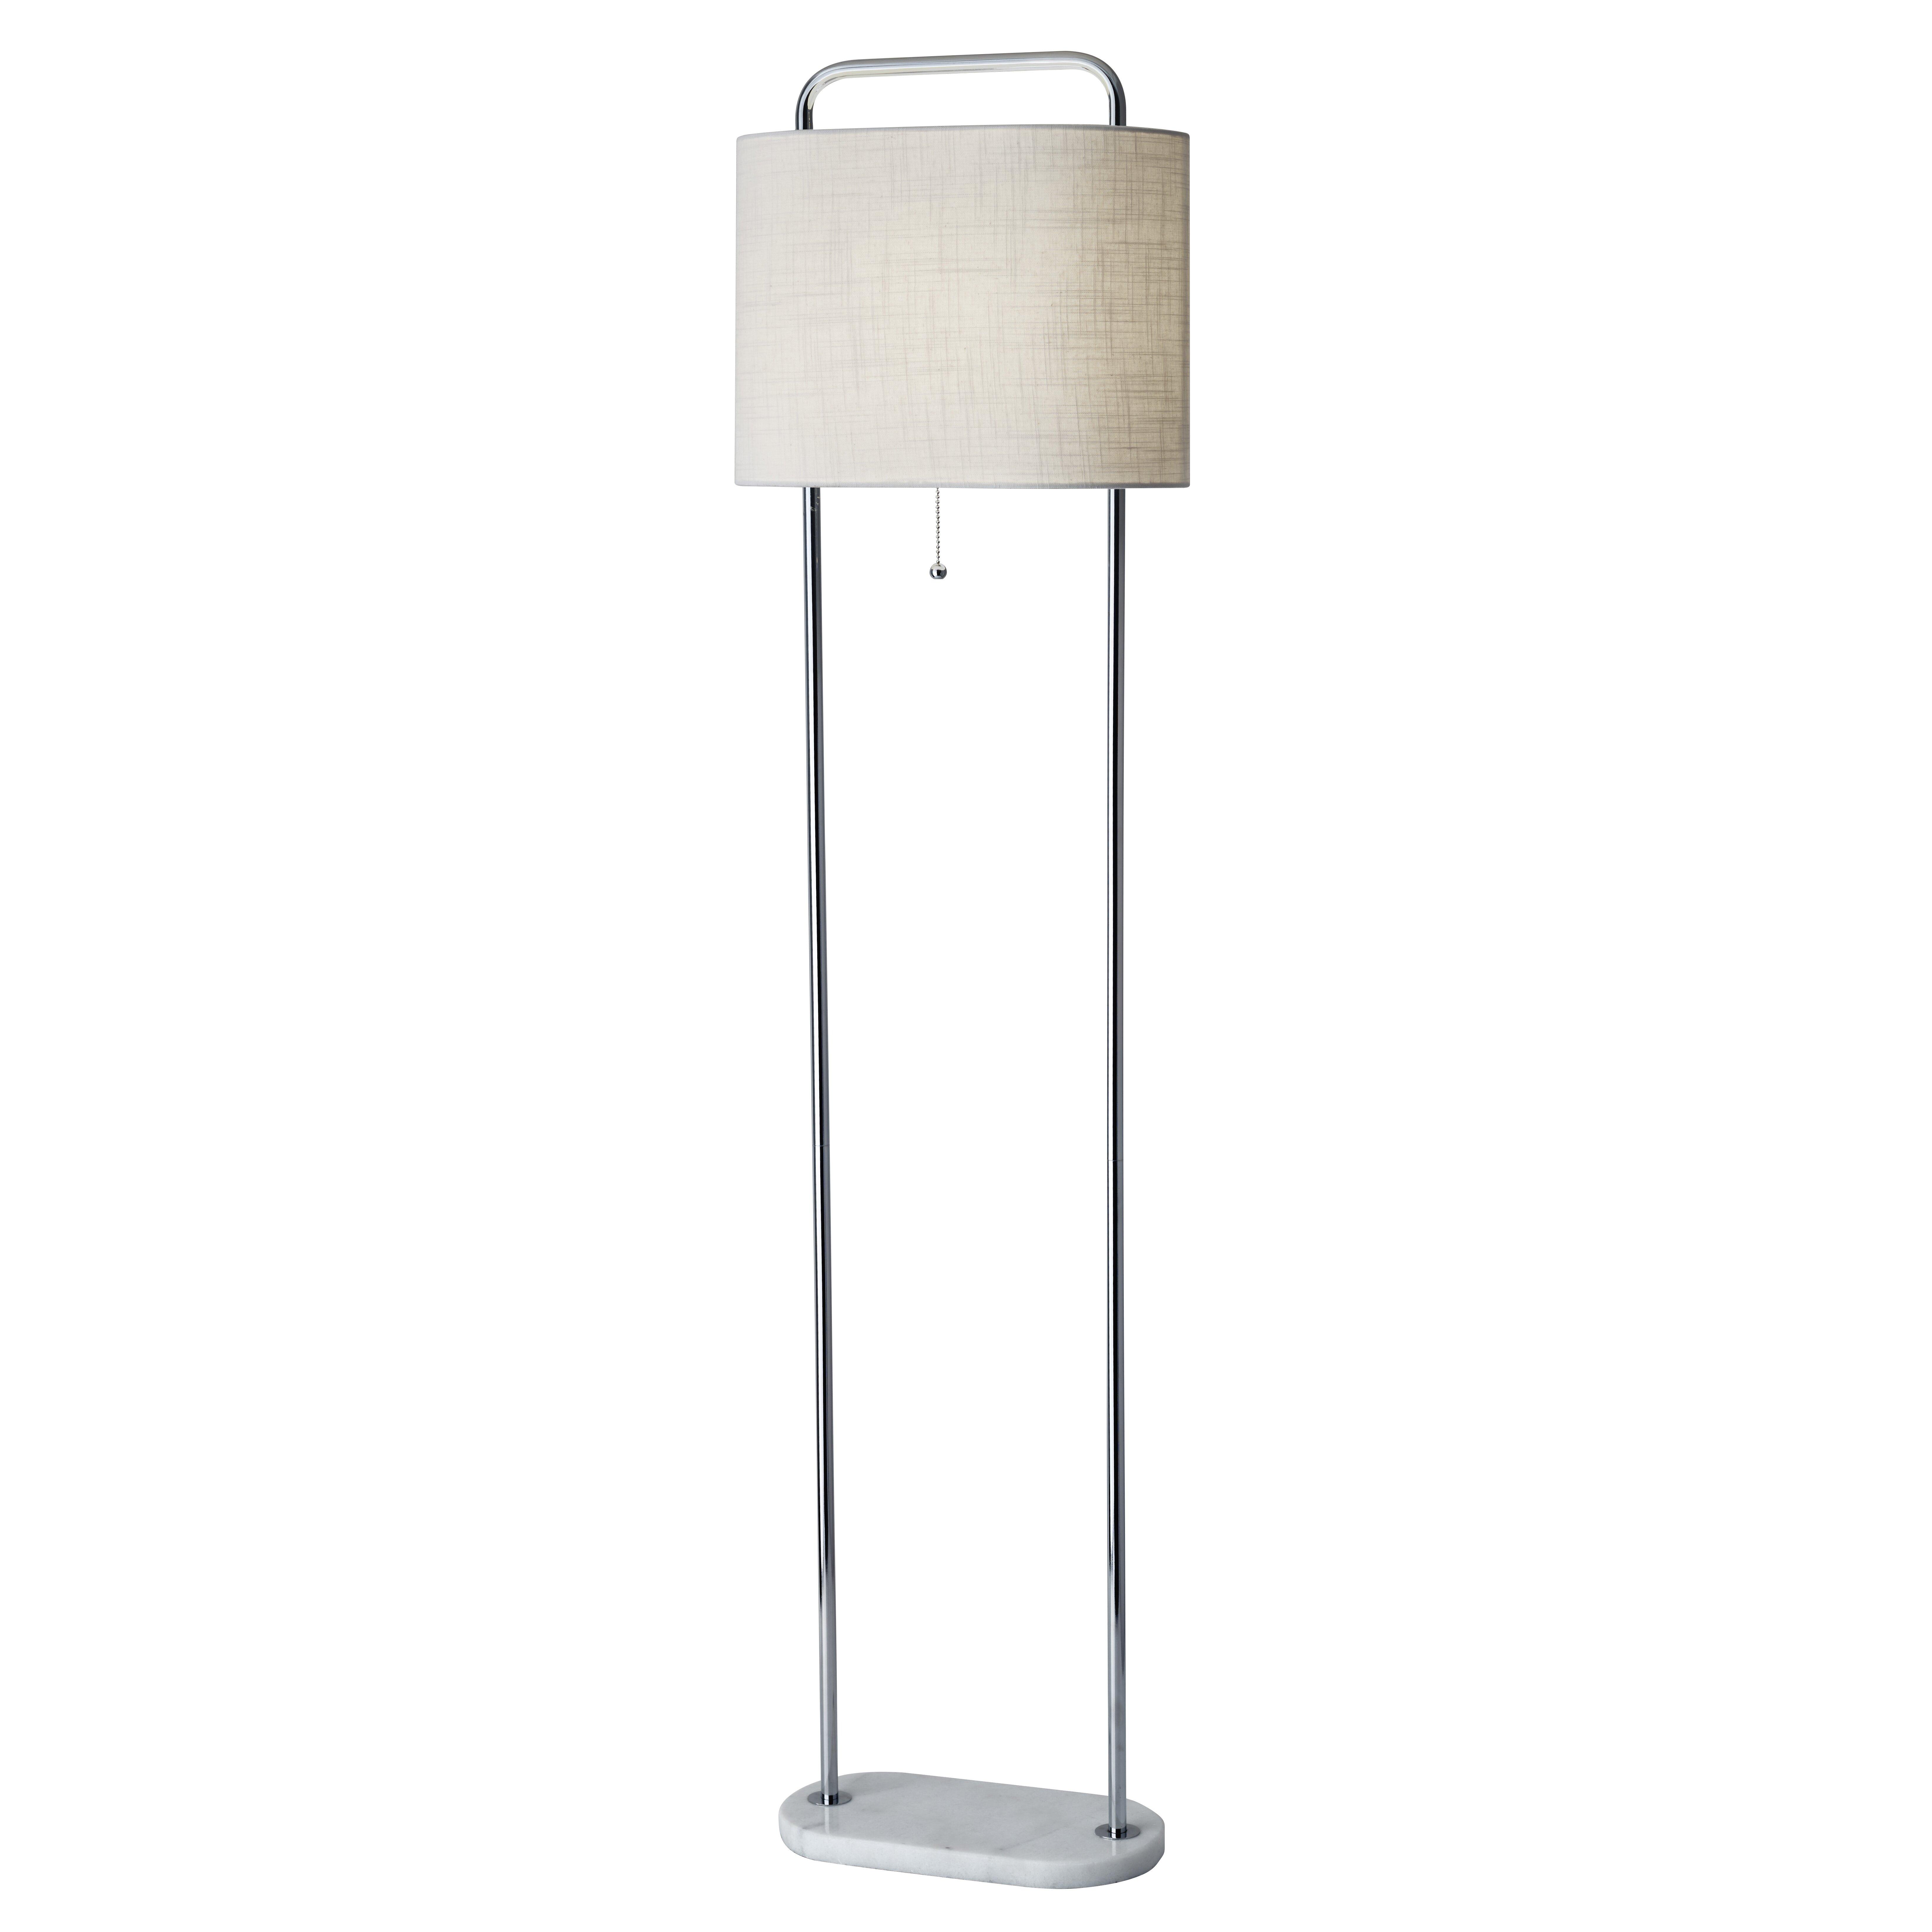 Adesso avery 625quot floor lamp wayfair for Wayfair adesso floor lamp